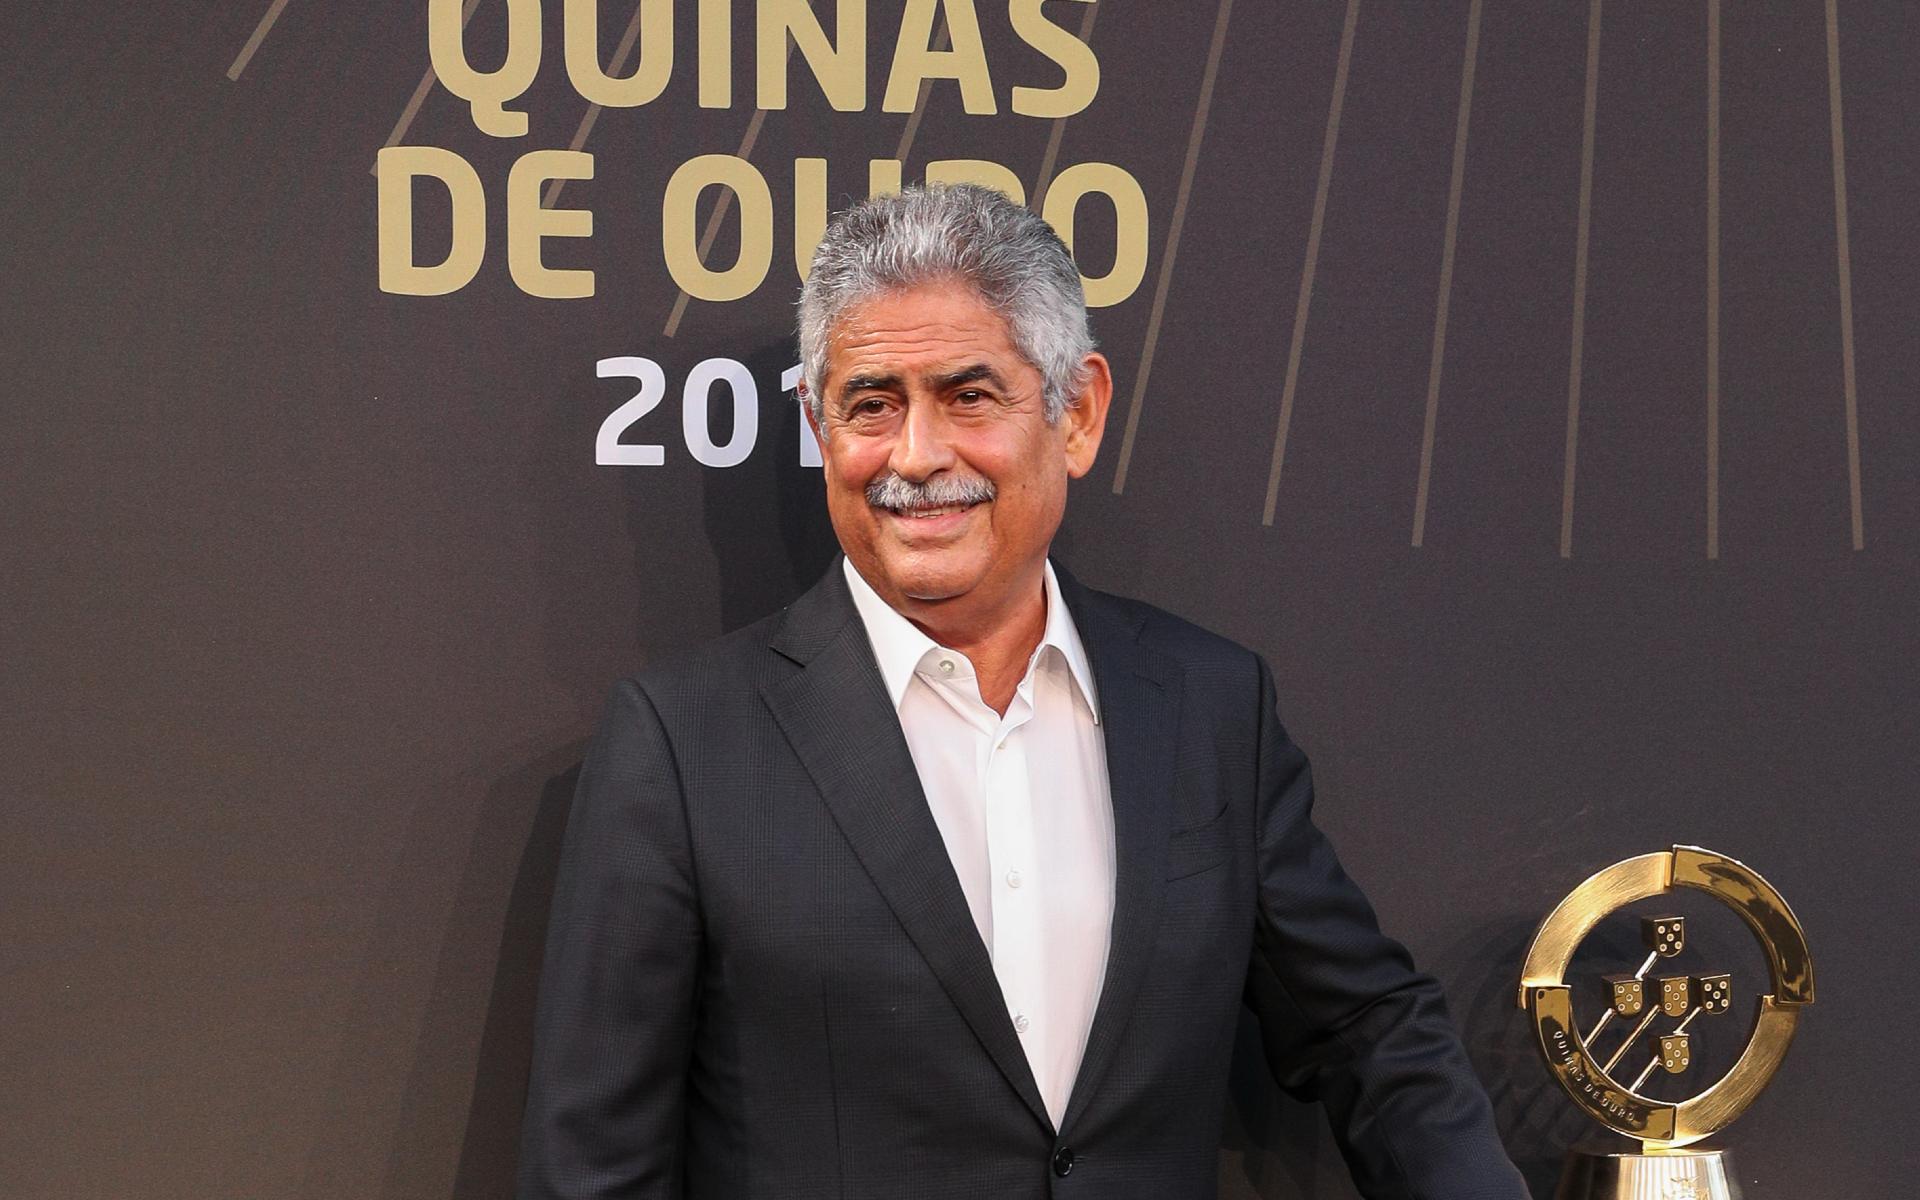 Фото: Луиш Филипе Виейра (Carlos Rodrigues/Getty Images)